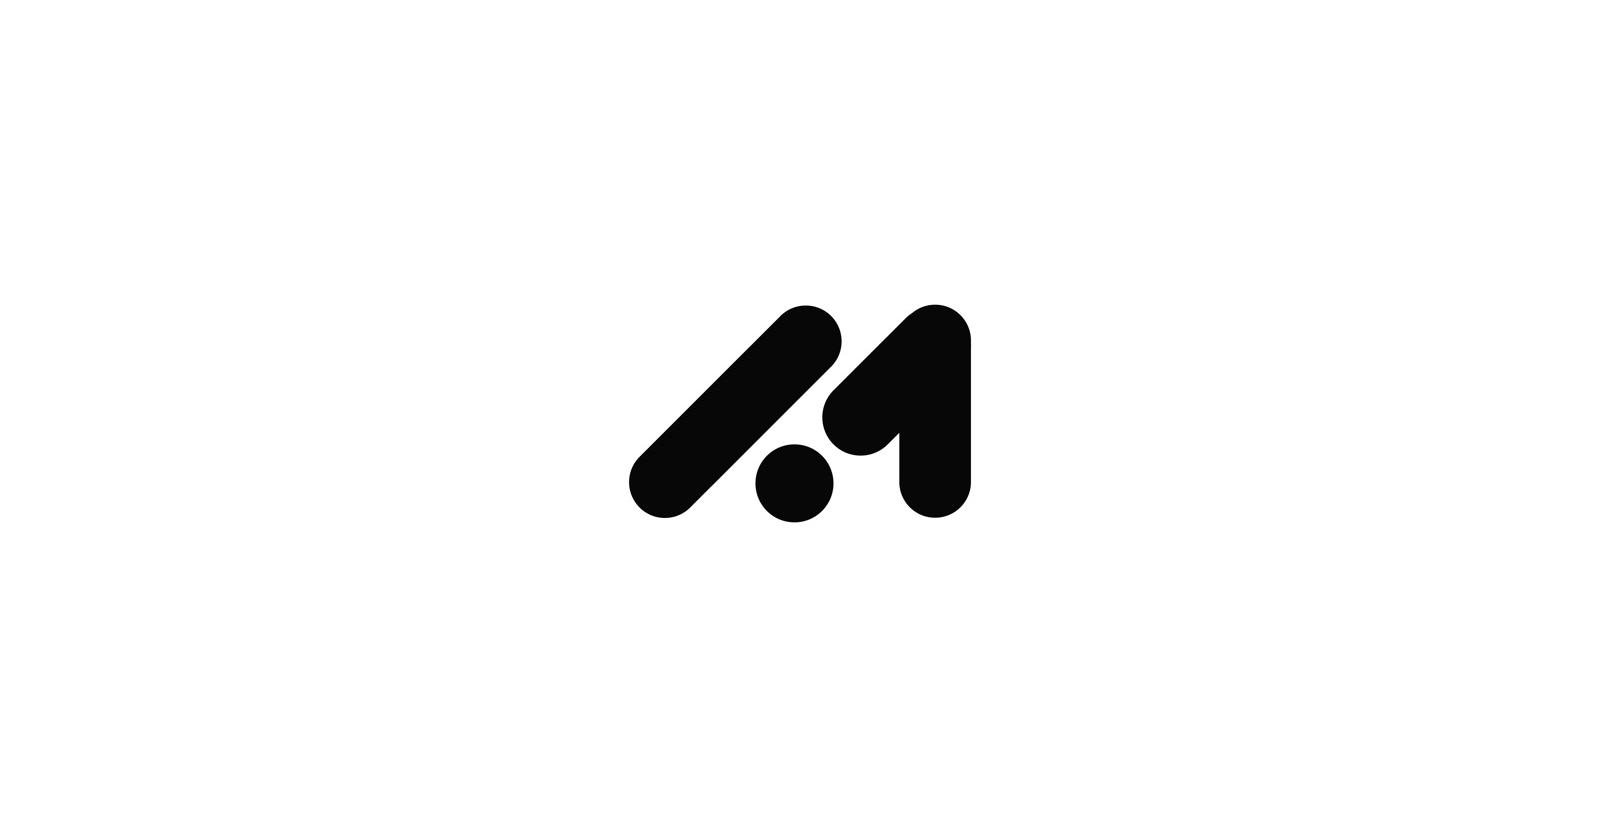 50_logos-11